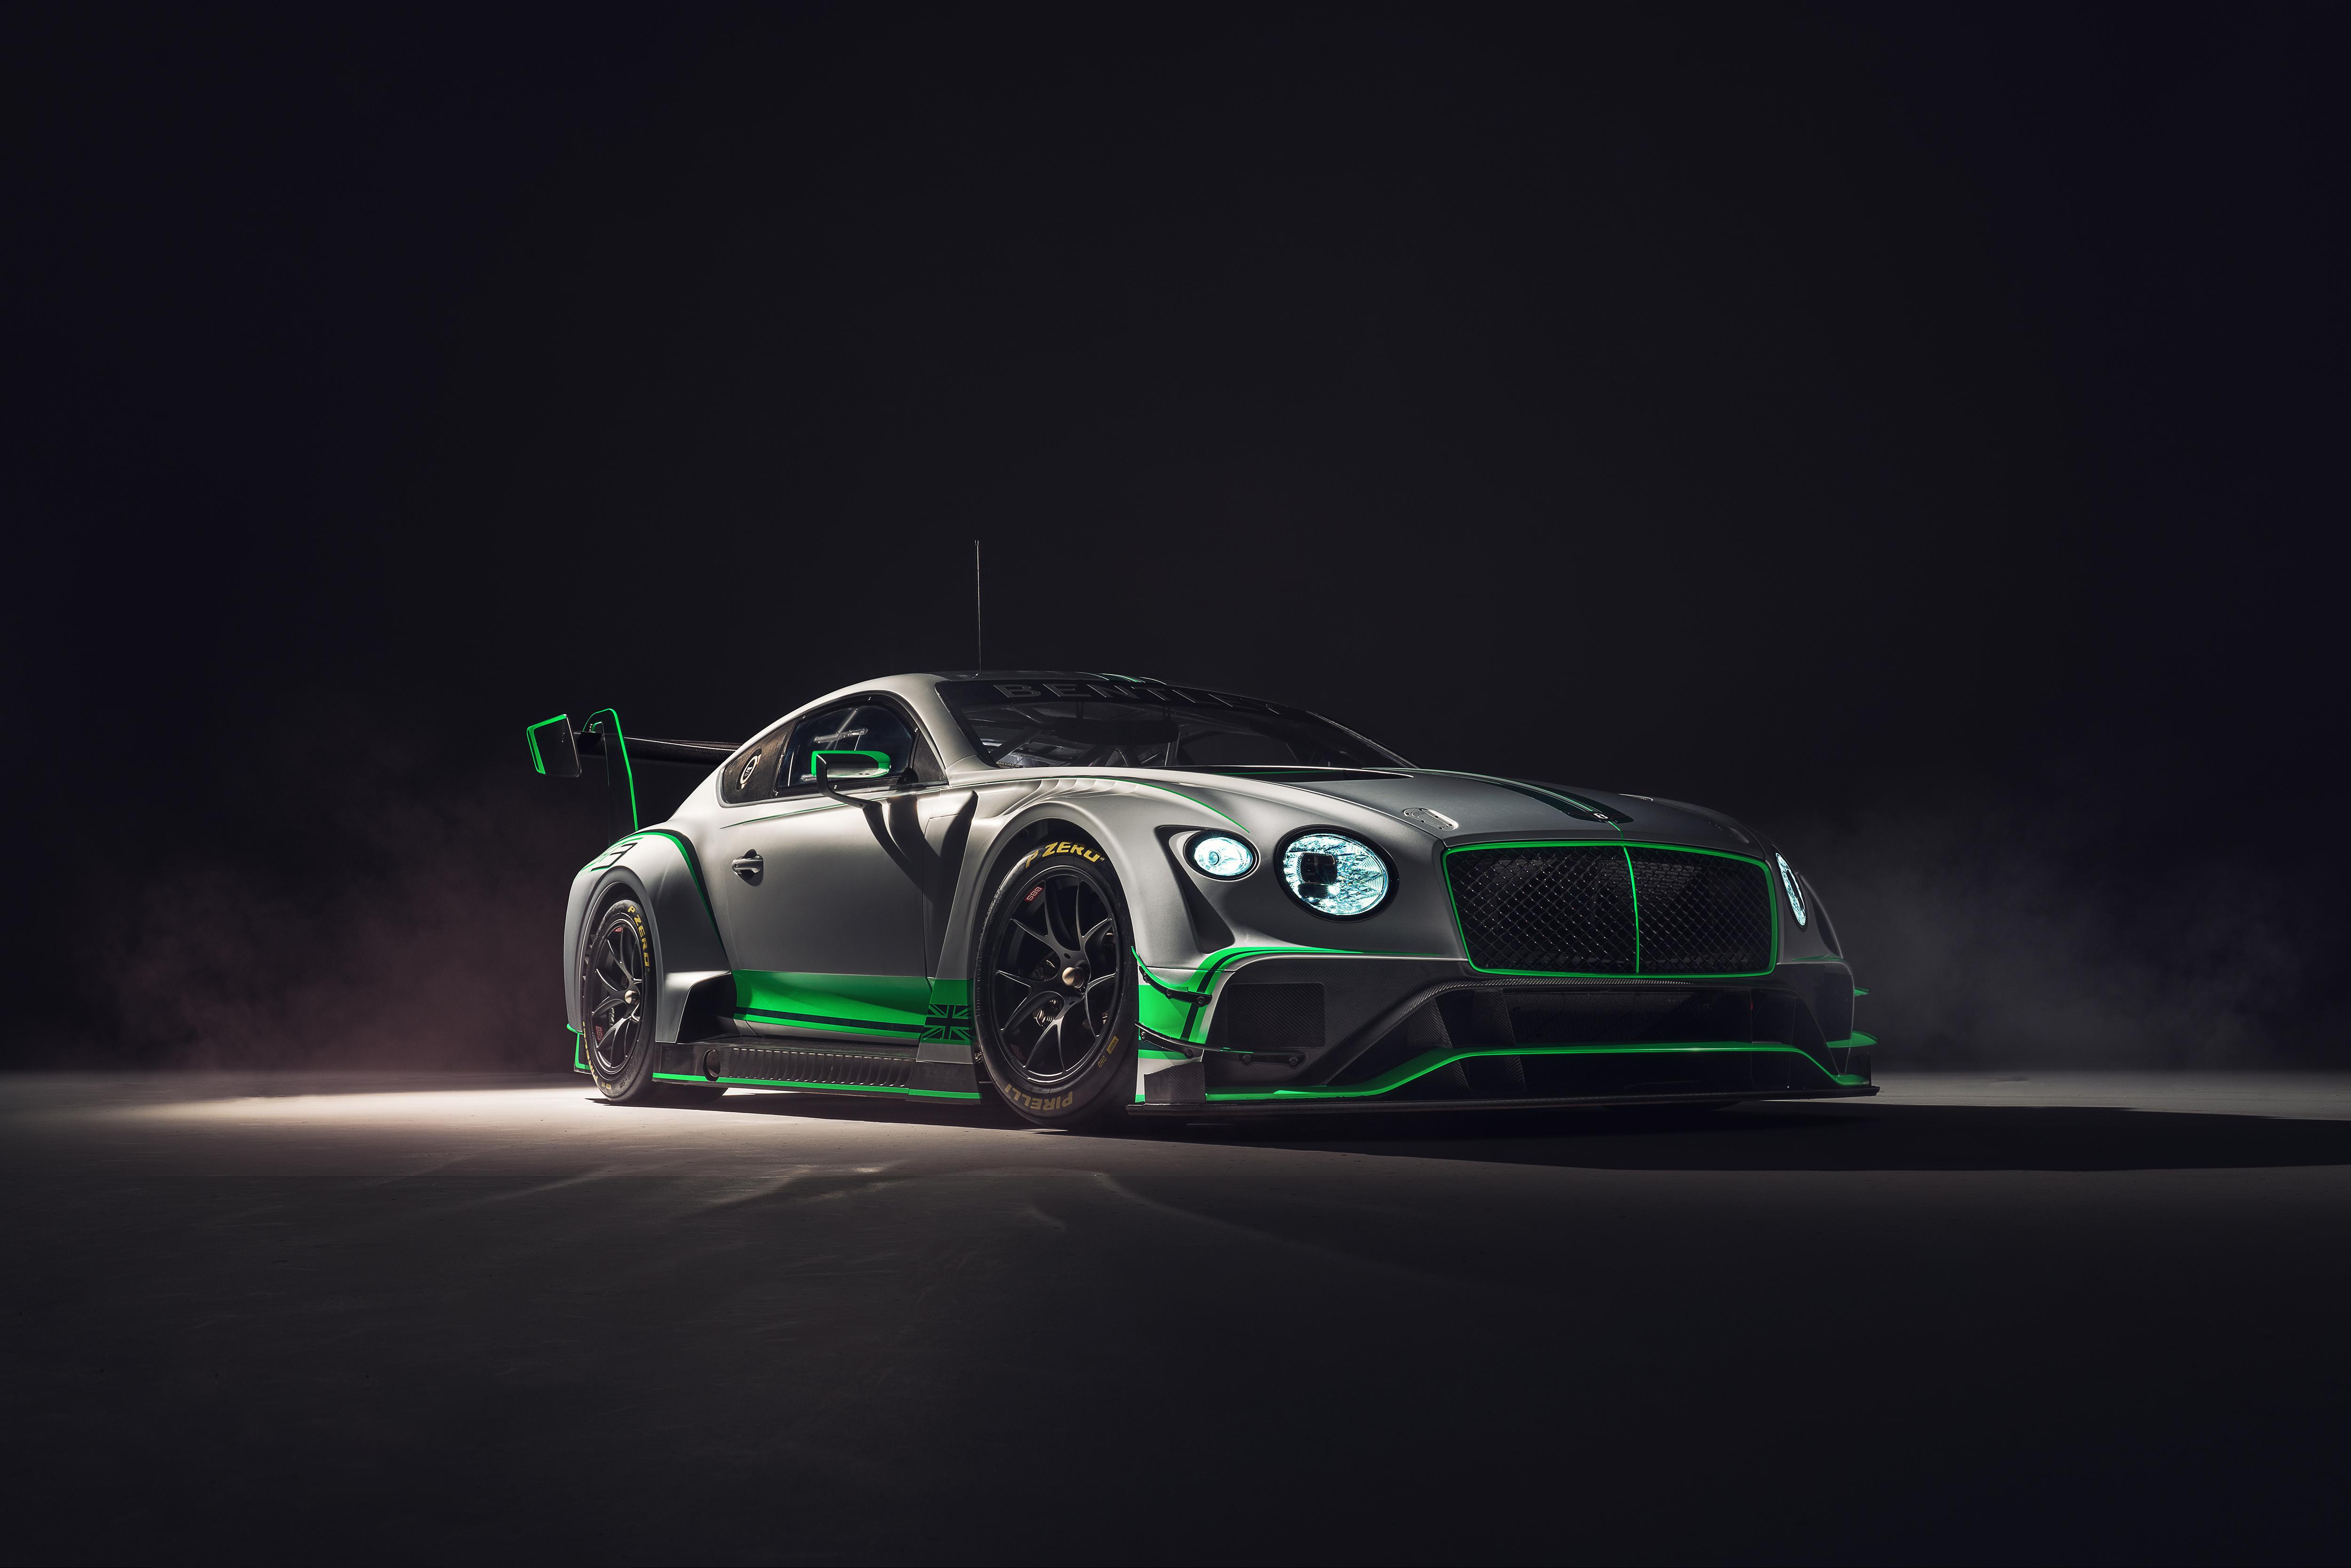 A Bentley revelou o novo Continental GT3 Racecar thumbnail